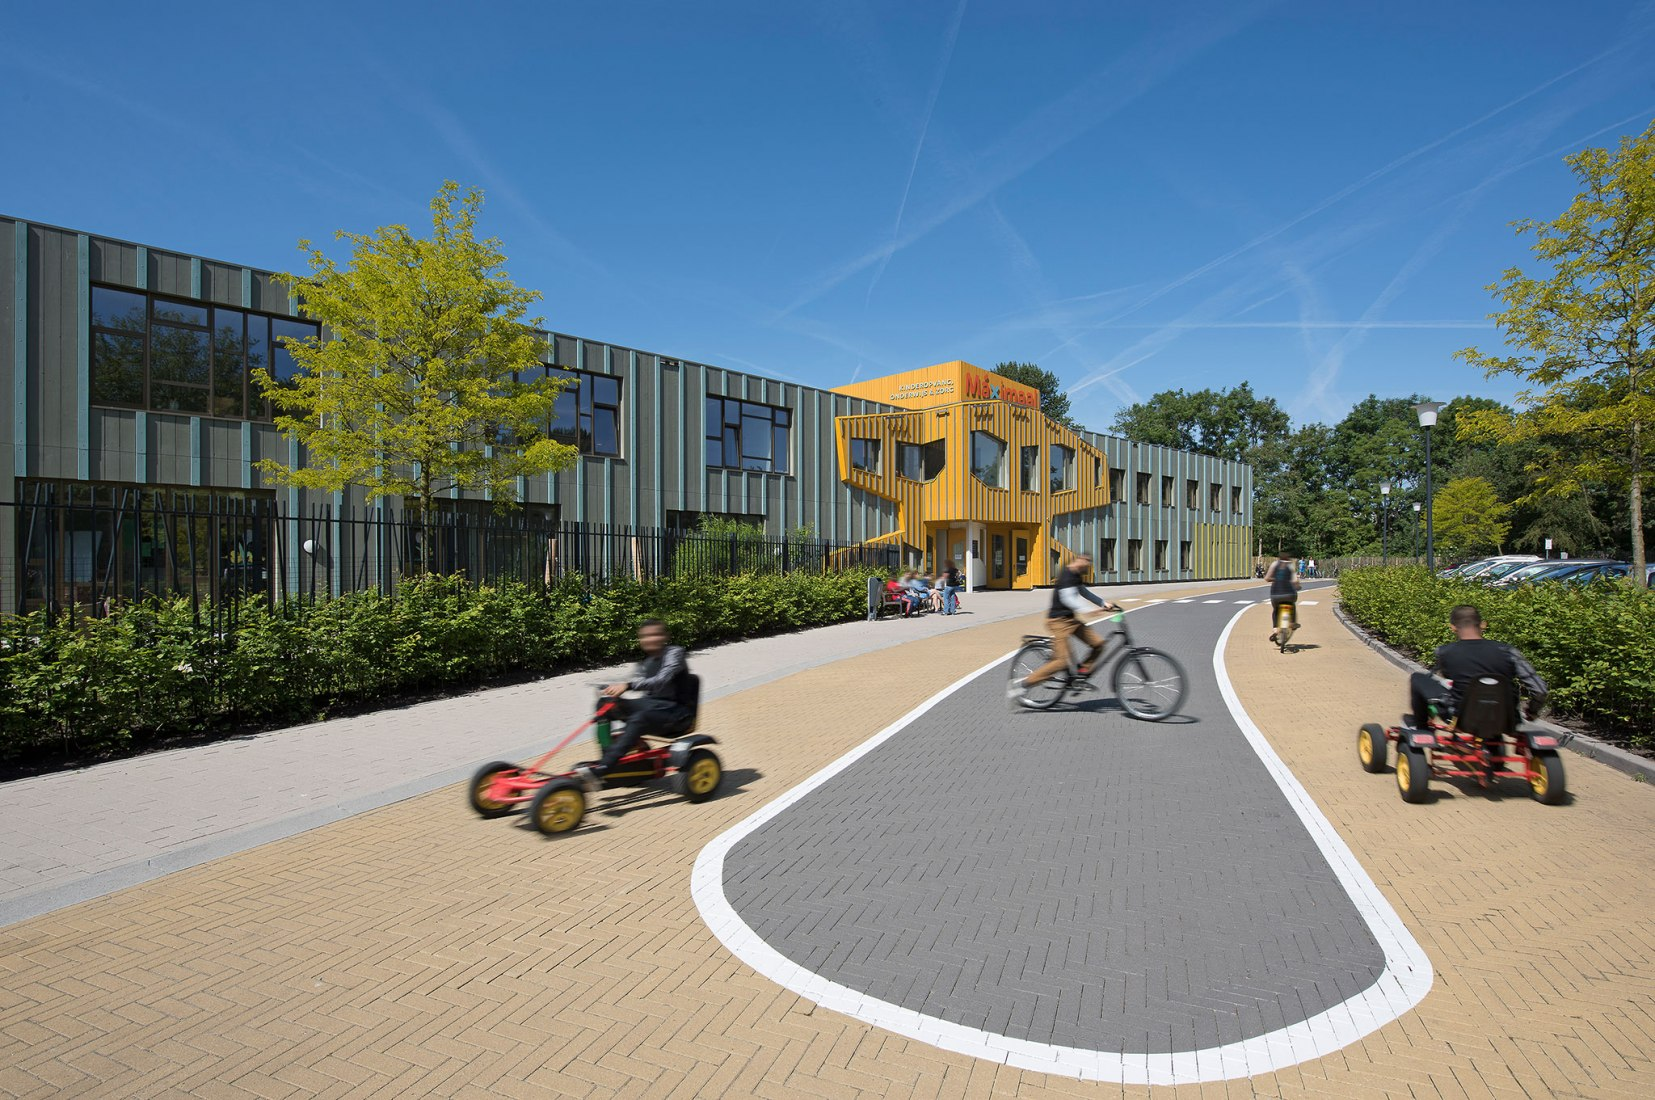 Vista exterior. MAXIMAAL, Centro de educación y atención infantil por Simone Drost Architecture. Fotografía © Roos Aldershoff